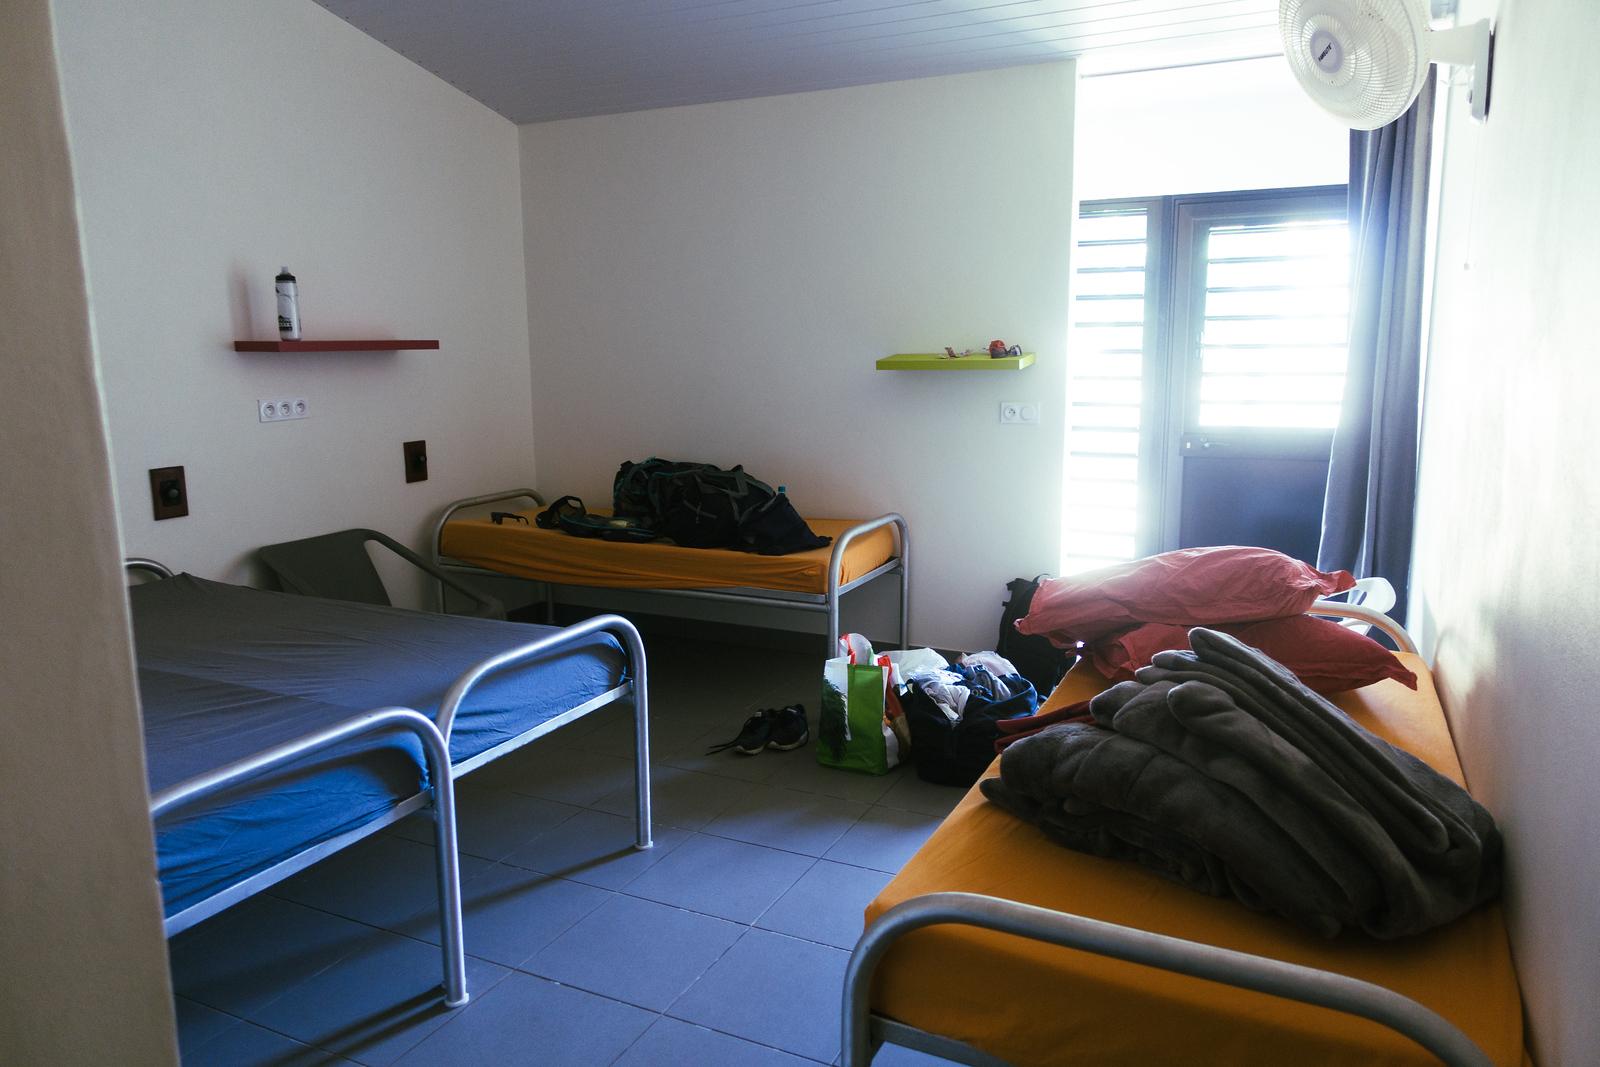 Auberge de Jeunesse room.